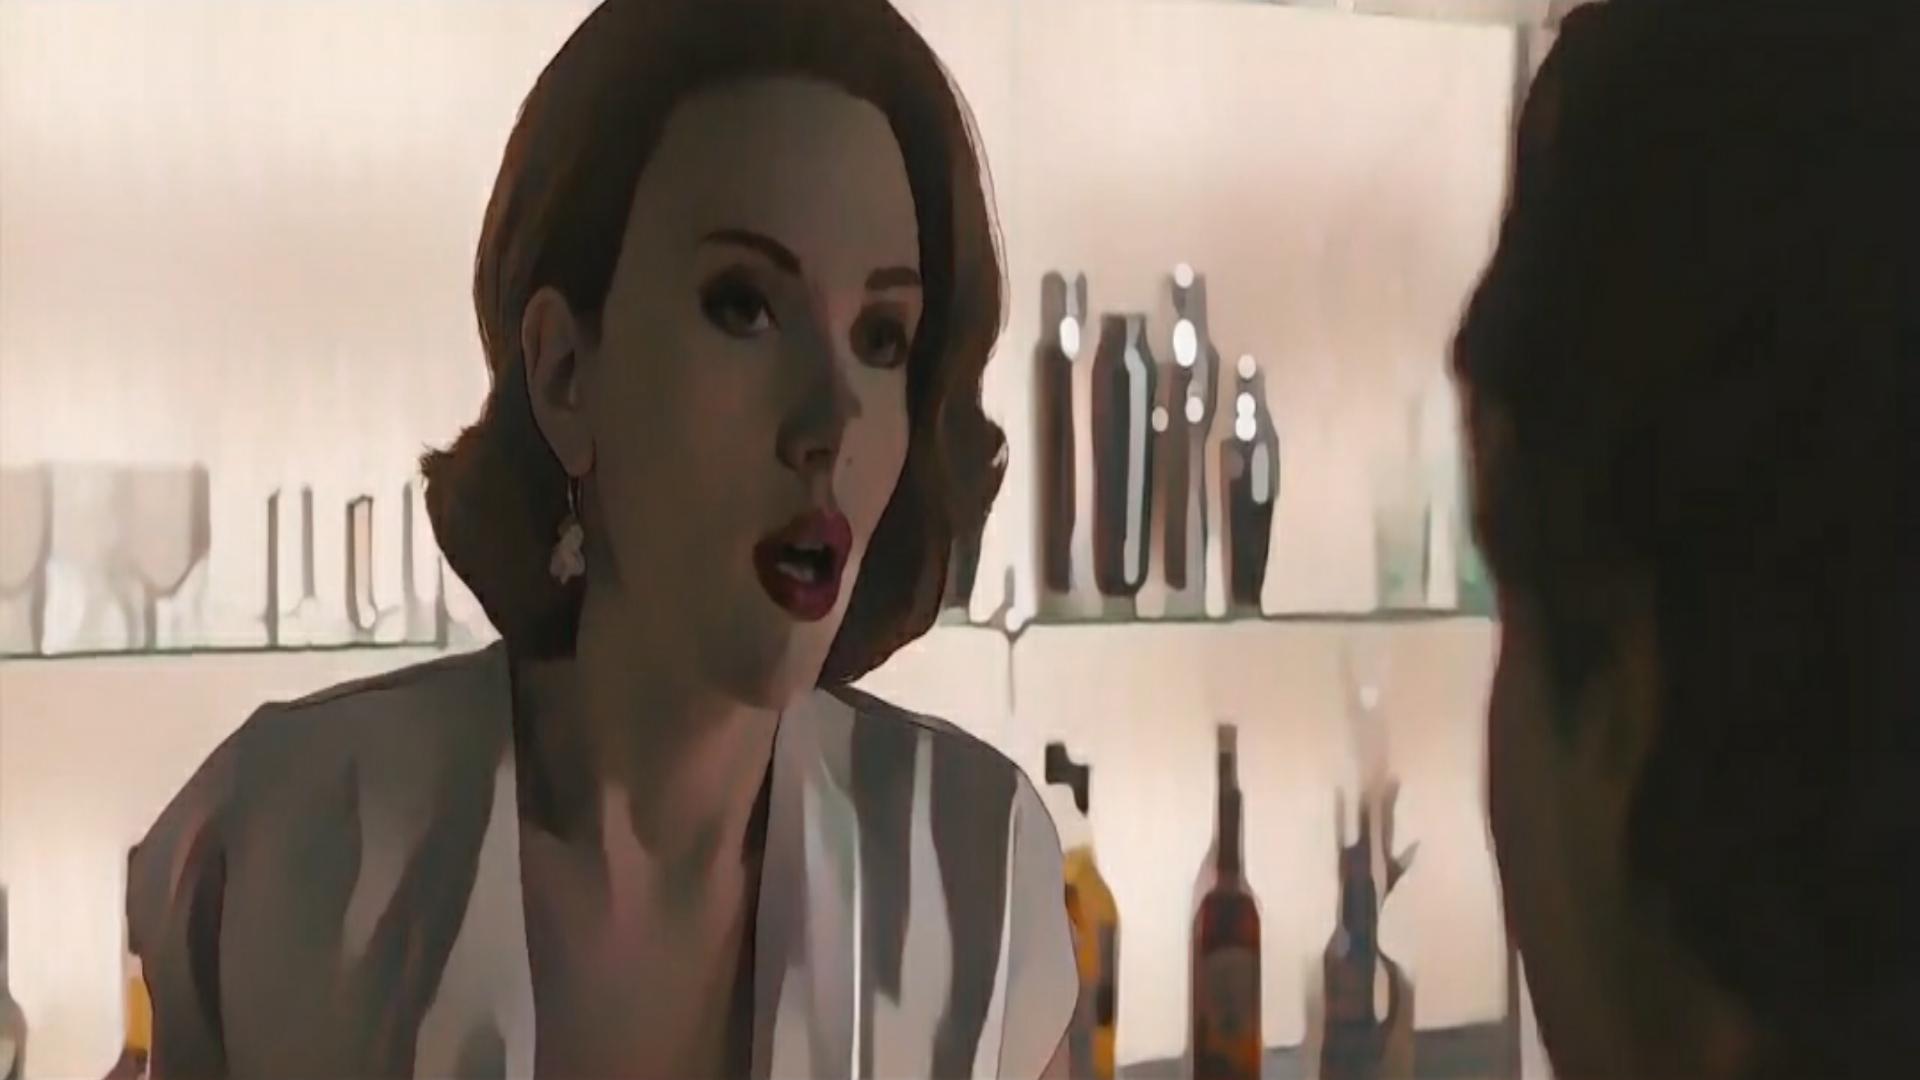 بالفيديو : أداة جديدة لتحويل مقاطع الفيديو الحقيقية الى رسوم متحركة أنمي بالذكاء الأصطناعي !! يمكن تجربتها بنفسك الآن